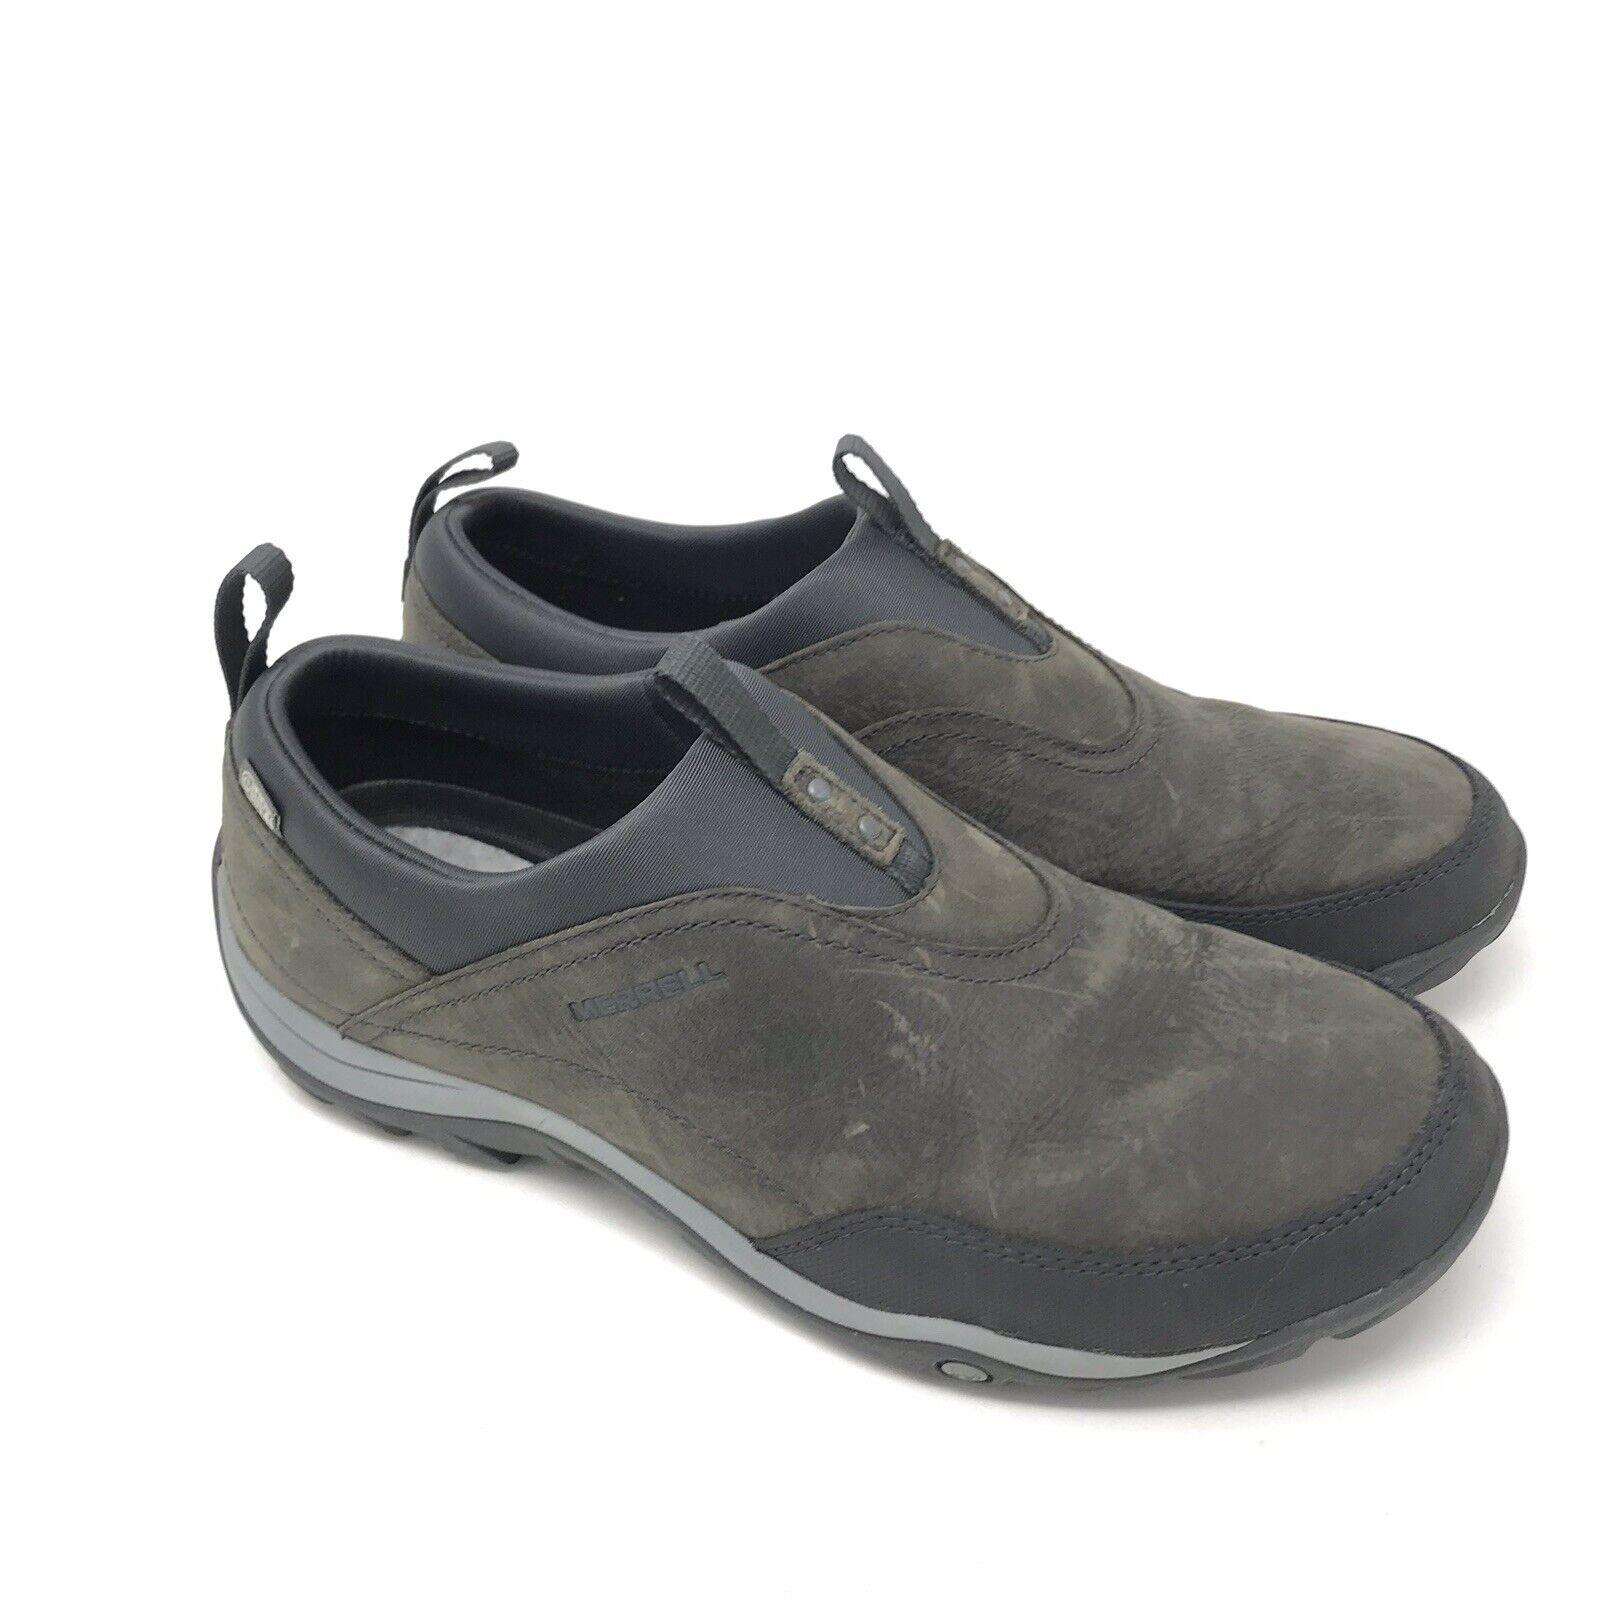 Merrell Murren MOC Waterproof Shoes